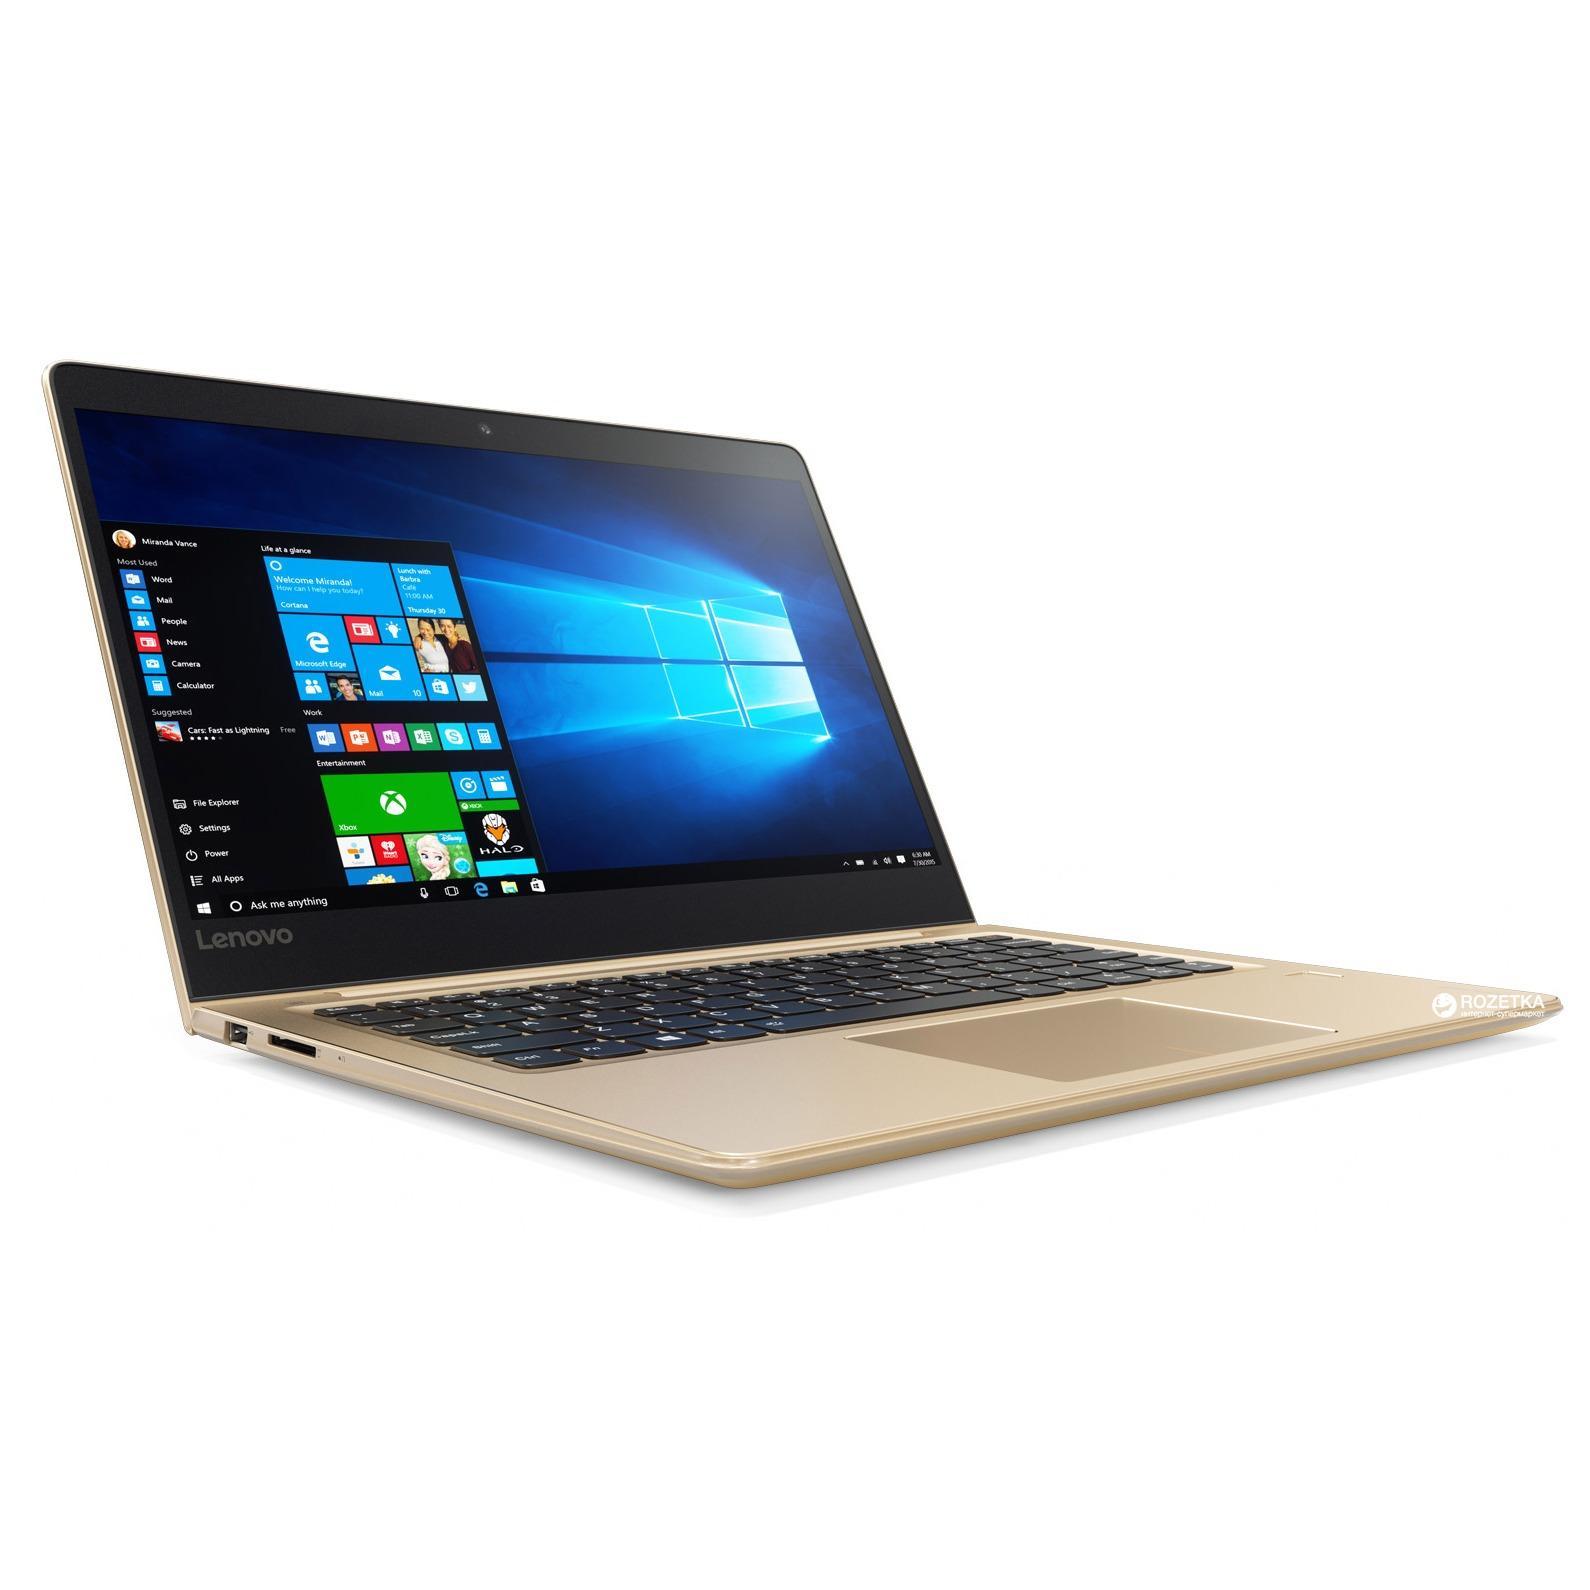 LENOVO IDEAPAD 710S PLUS 80W3005BSB 13.3IN INTEL CORE I7-7500U 8GB 256GB SSD NVDIA GT940MX 2GB WIN 10 HOME (GOLD)